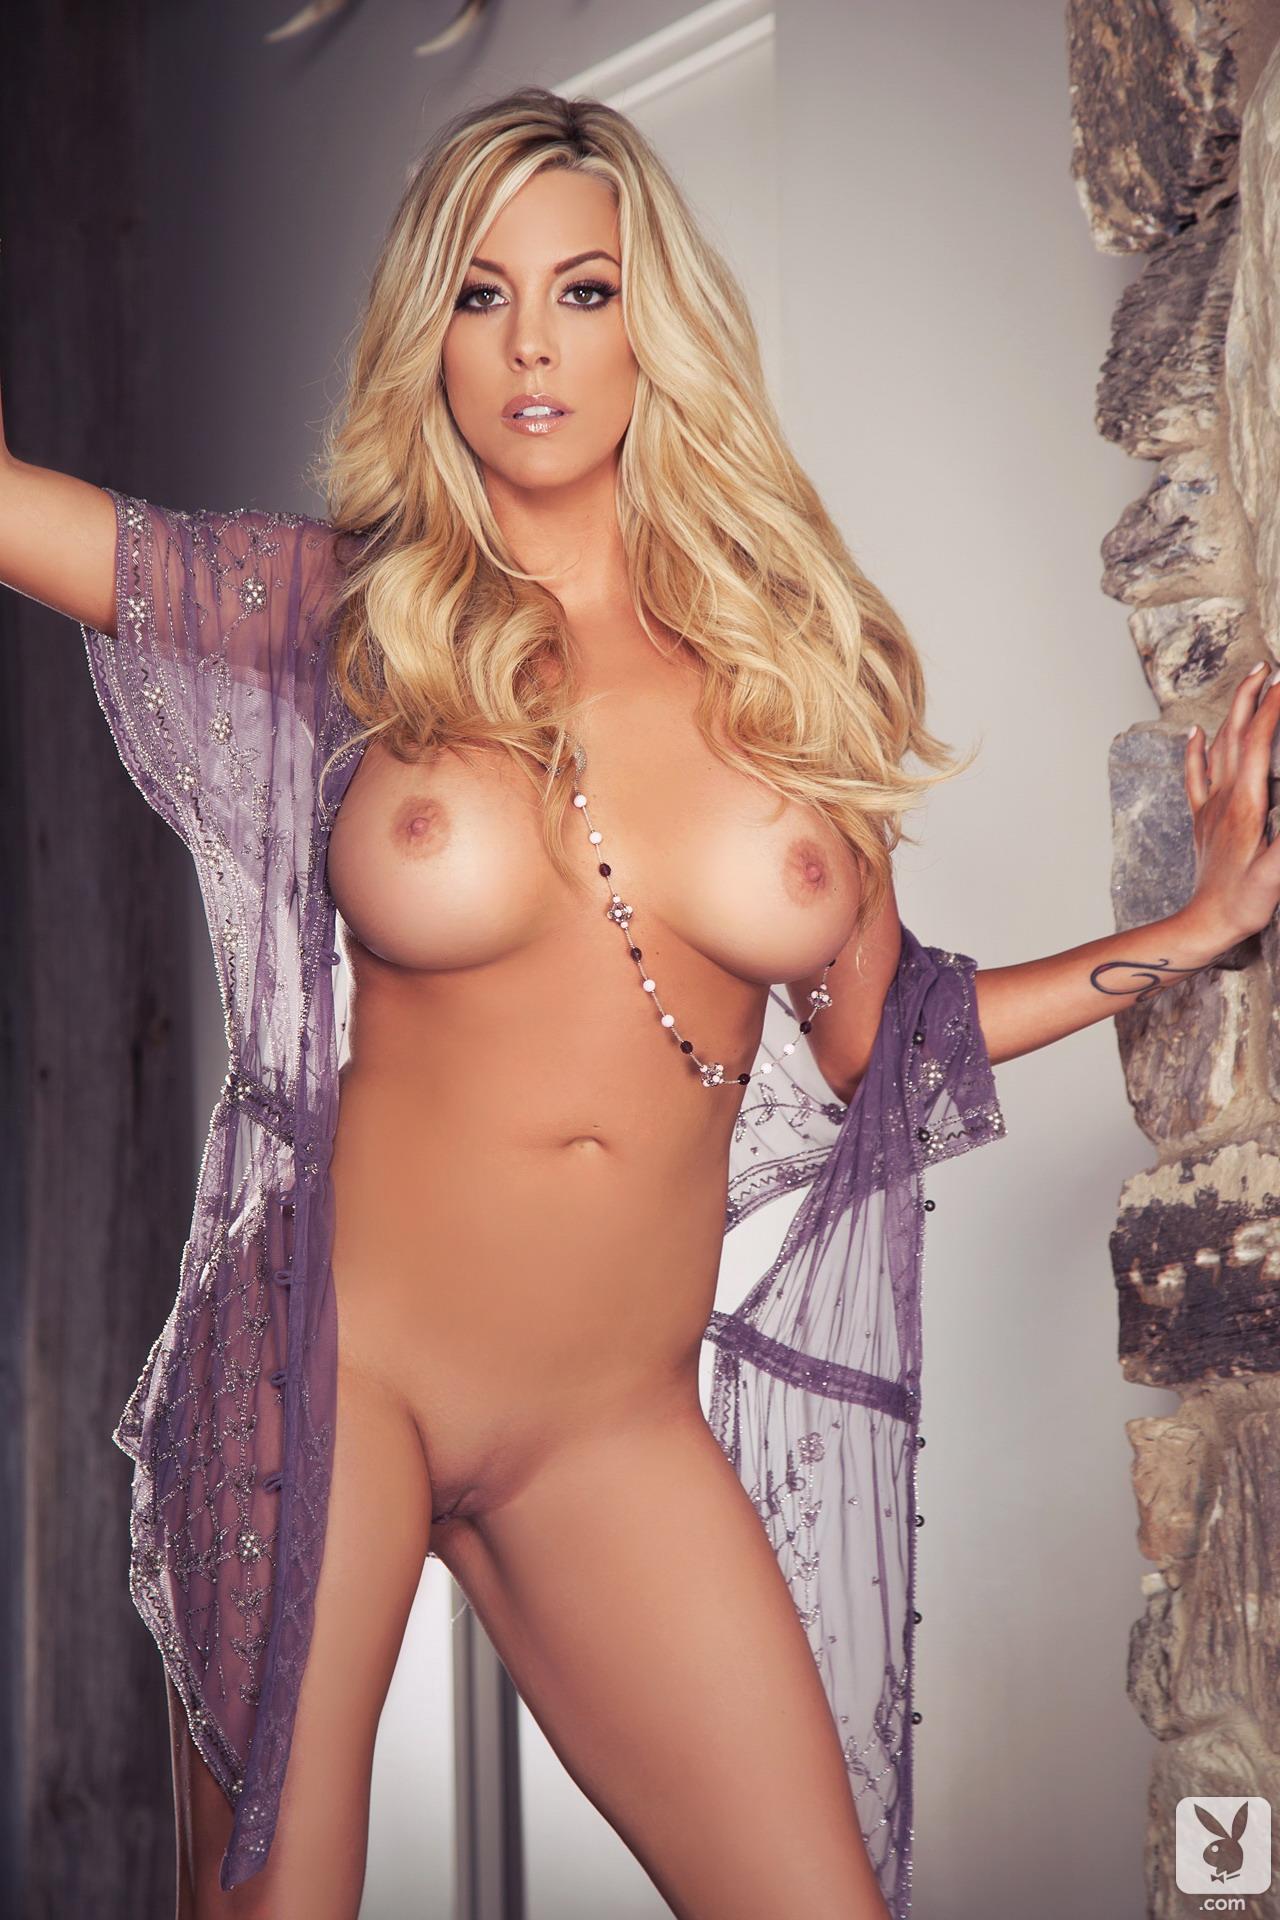 Gisele naked pics